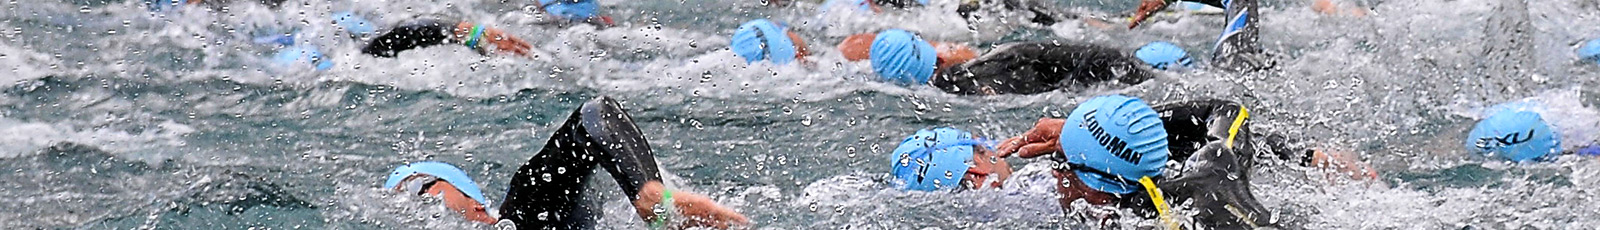 nuoto-ledroman-triathlon.jpg